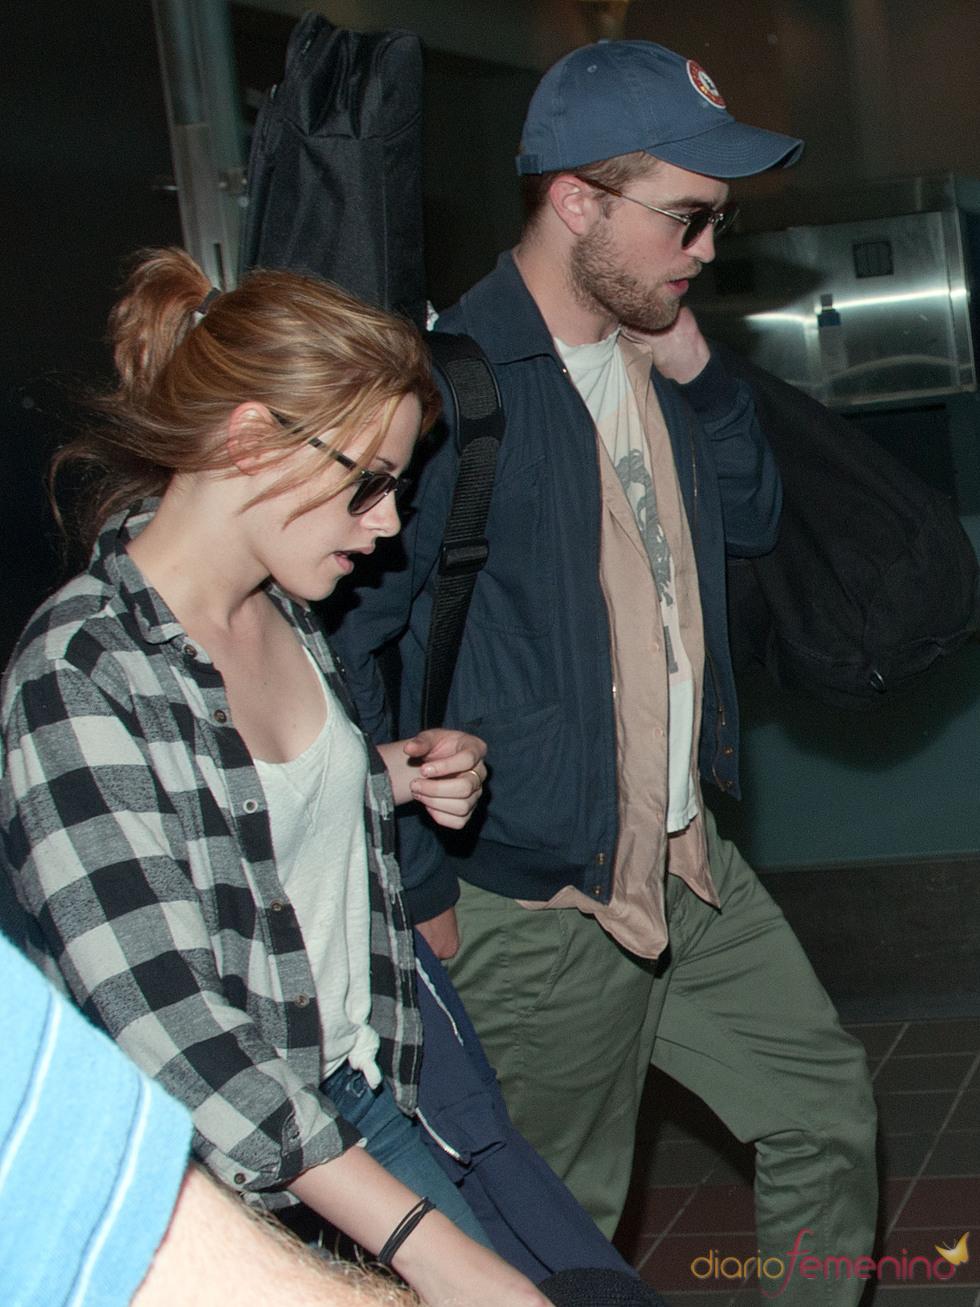 Robert Pattinson y Kristen Stewart en el aeropuerto de Los Ángeles